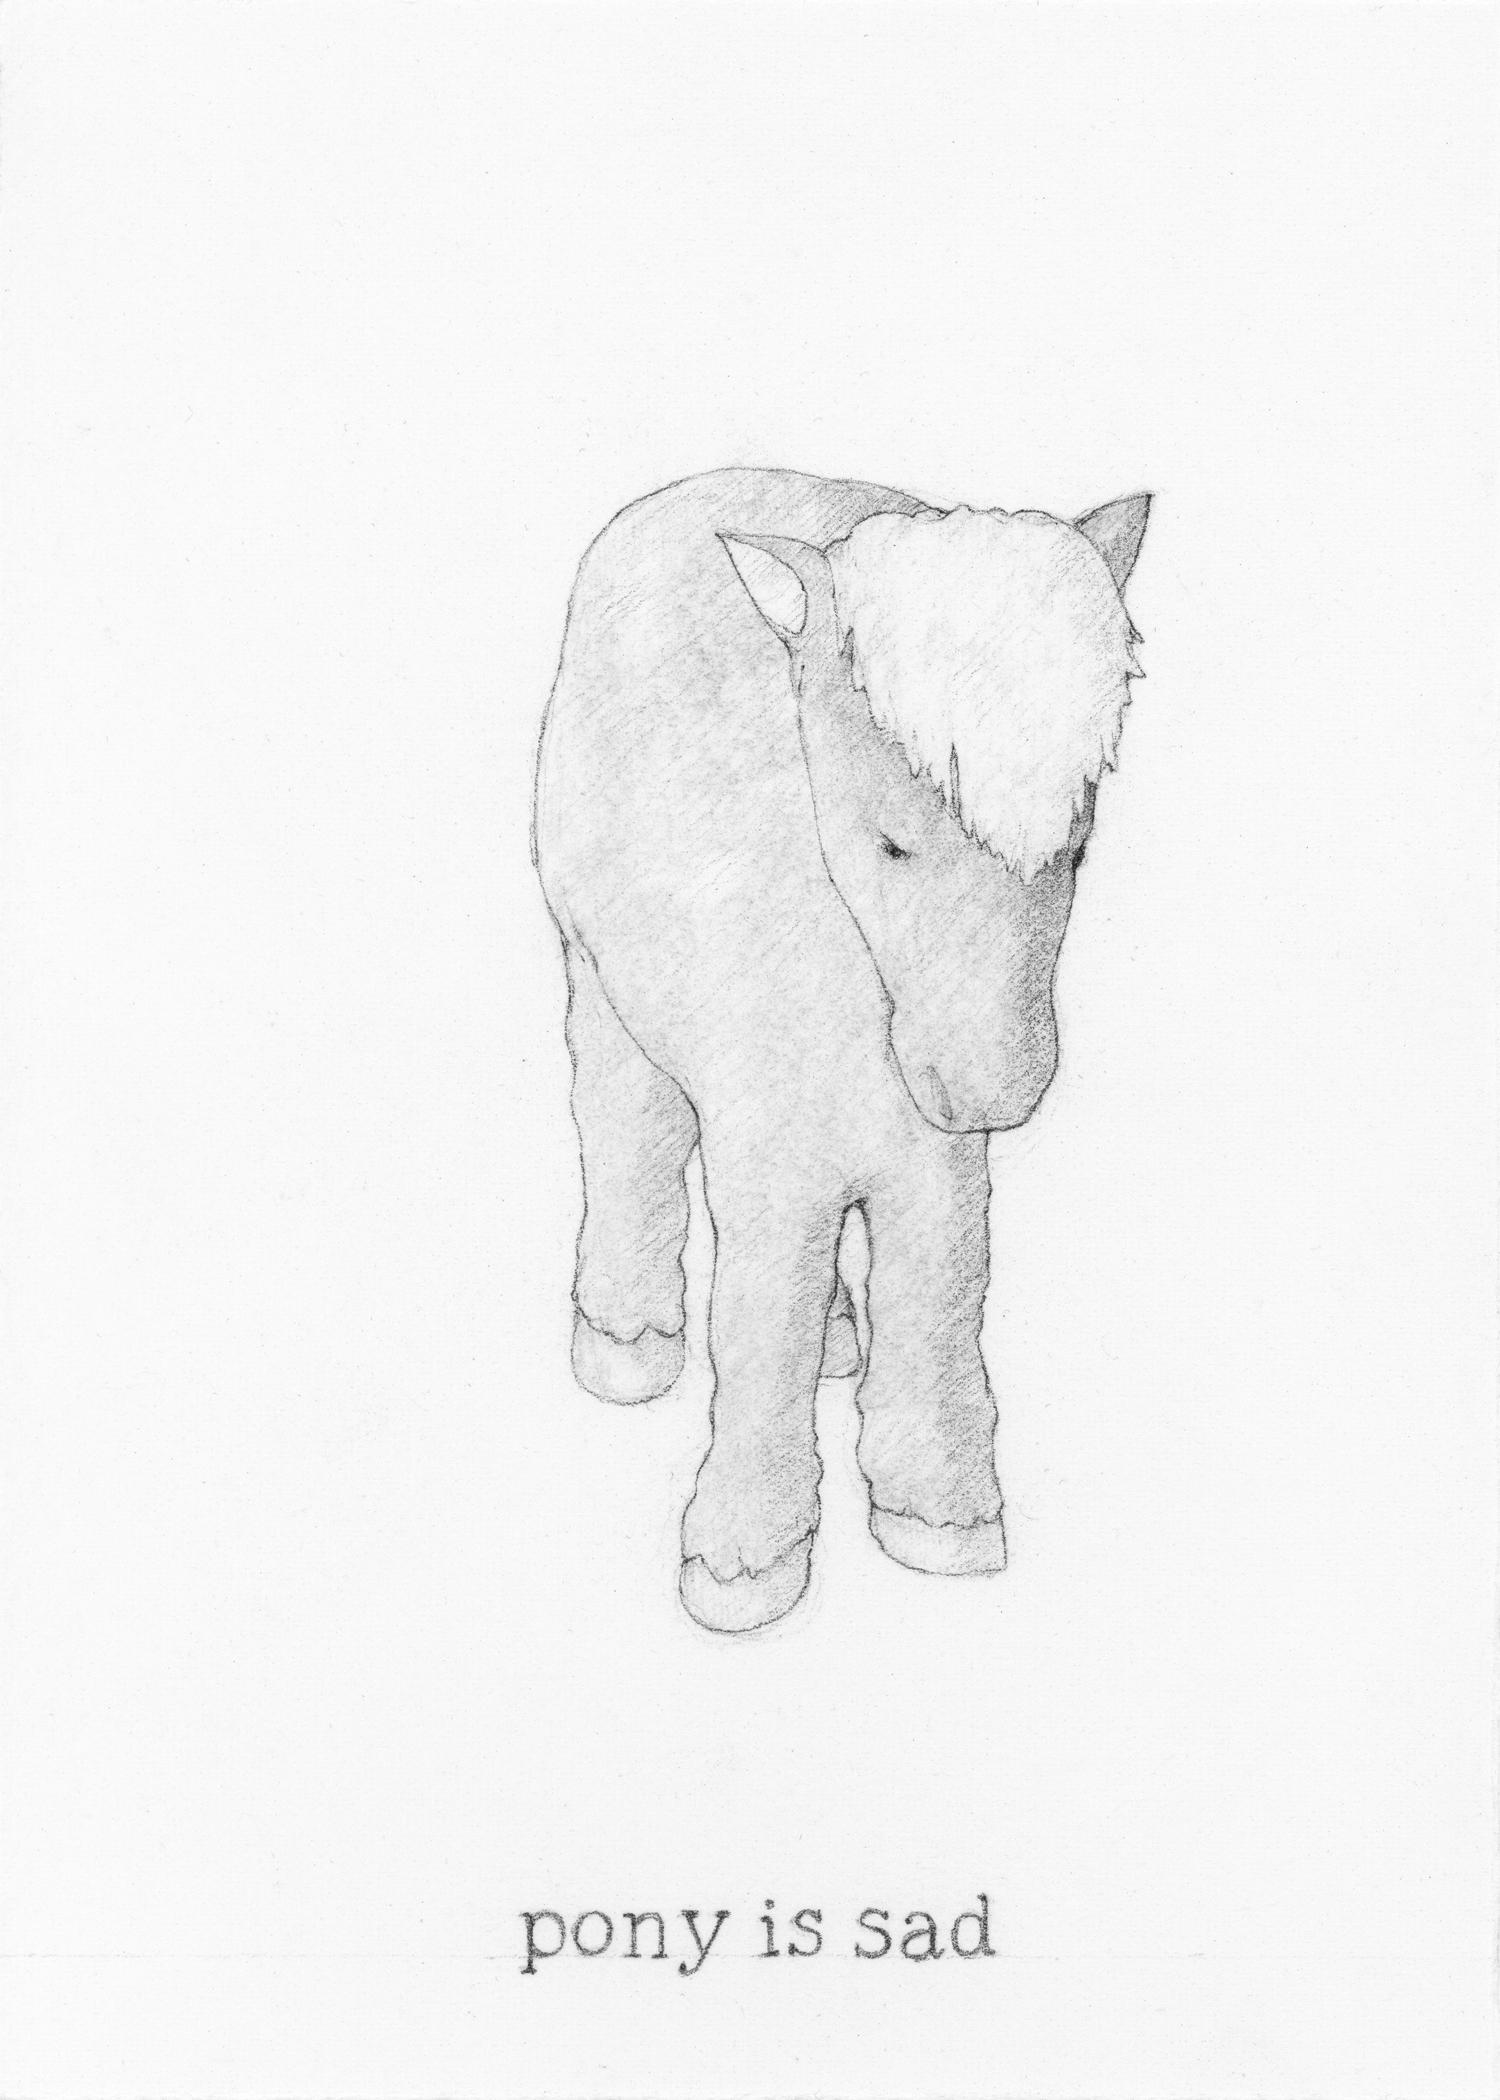 Pony is sad